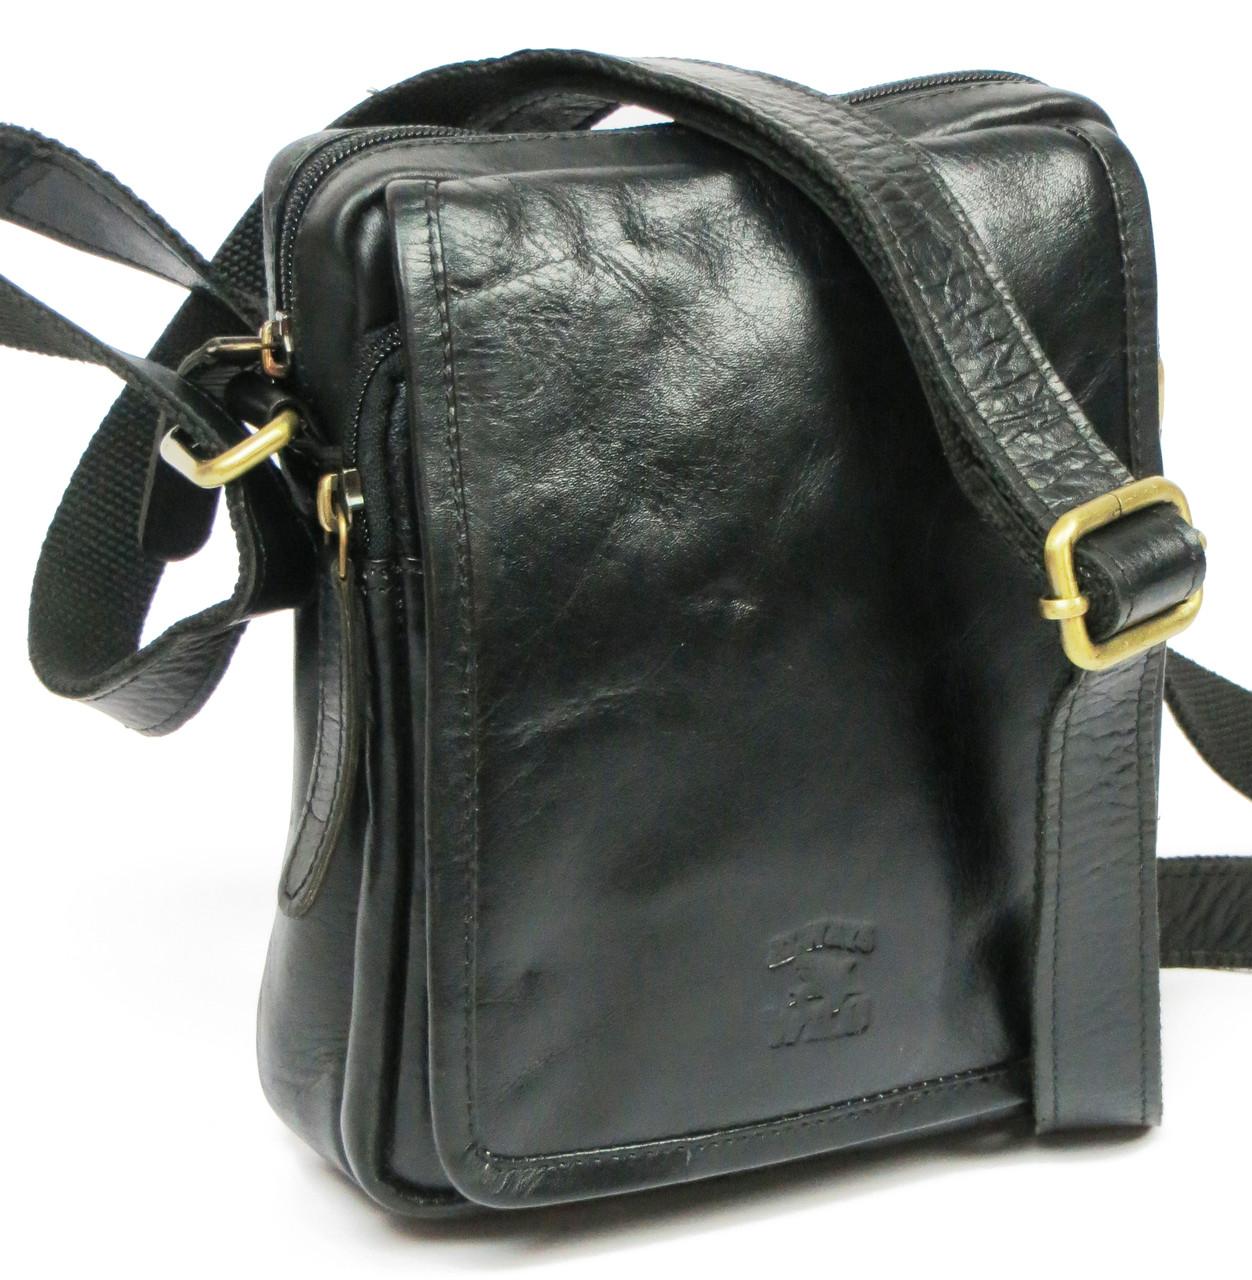 Мужская кожаная сумка-барсетка для документов  Always Wild 5031 black черный